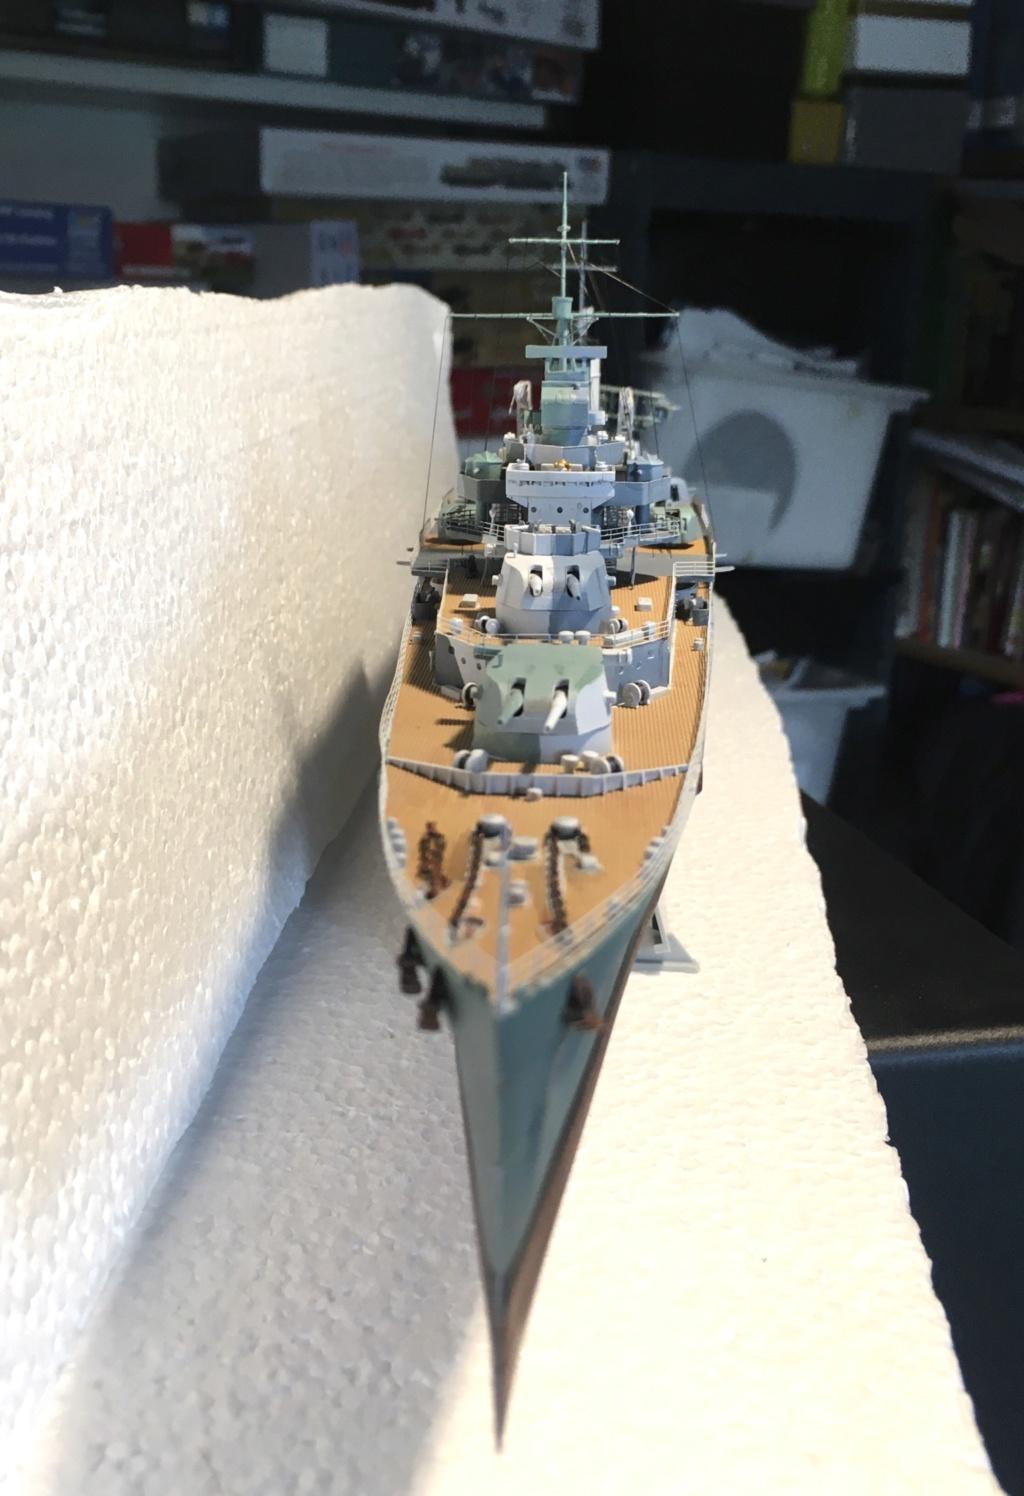 Croiseur lourd HMS Kent - 1/350 - Trumpeter - Eric78 - Page 3 B4483e10